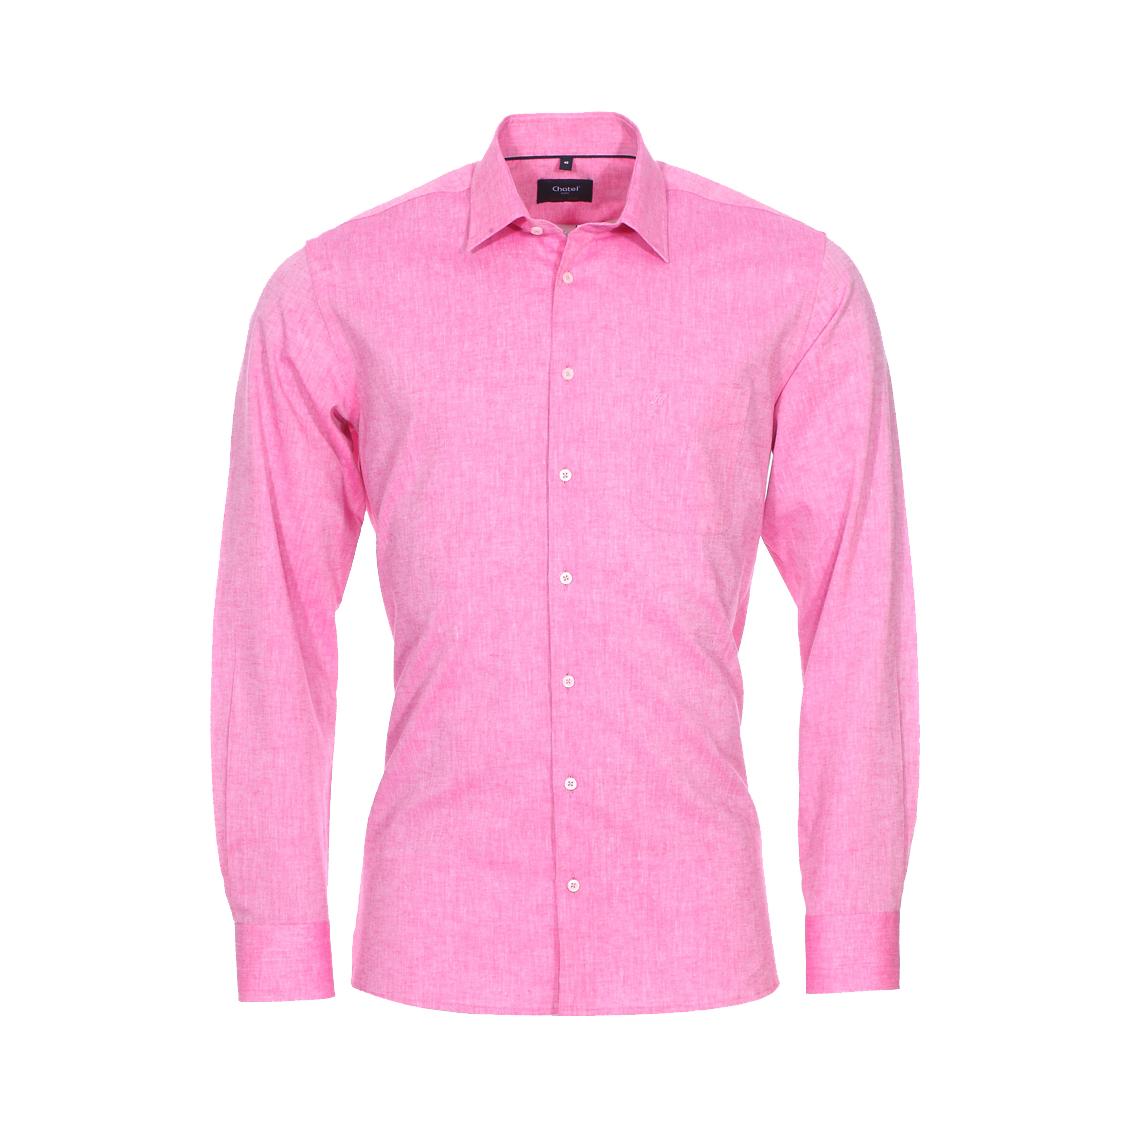 Chemise ajustée Jean Chatel London en coton et lin rose chiné